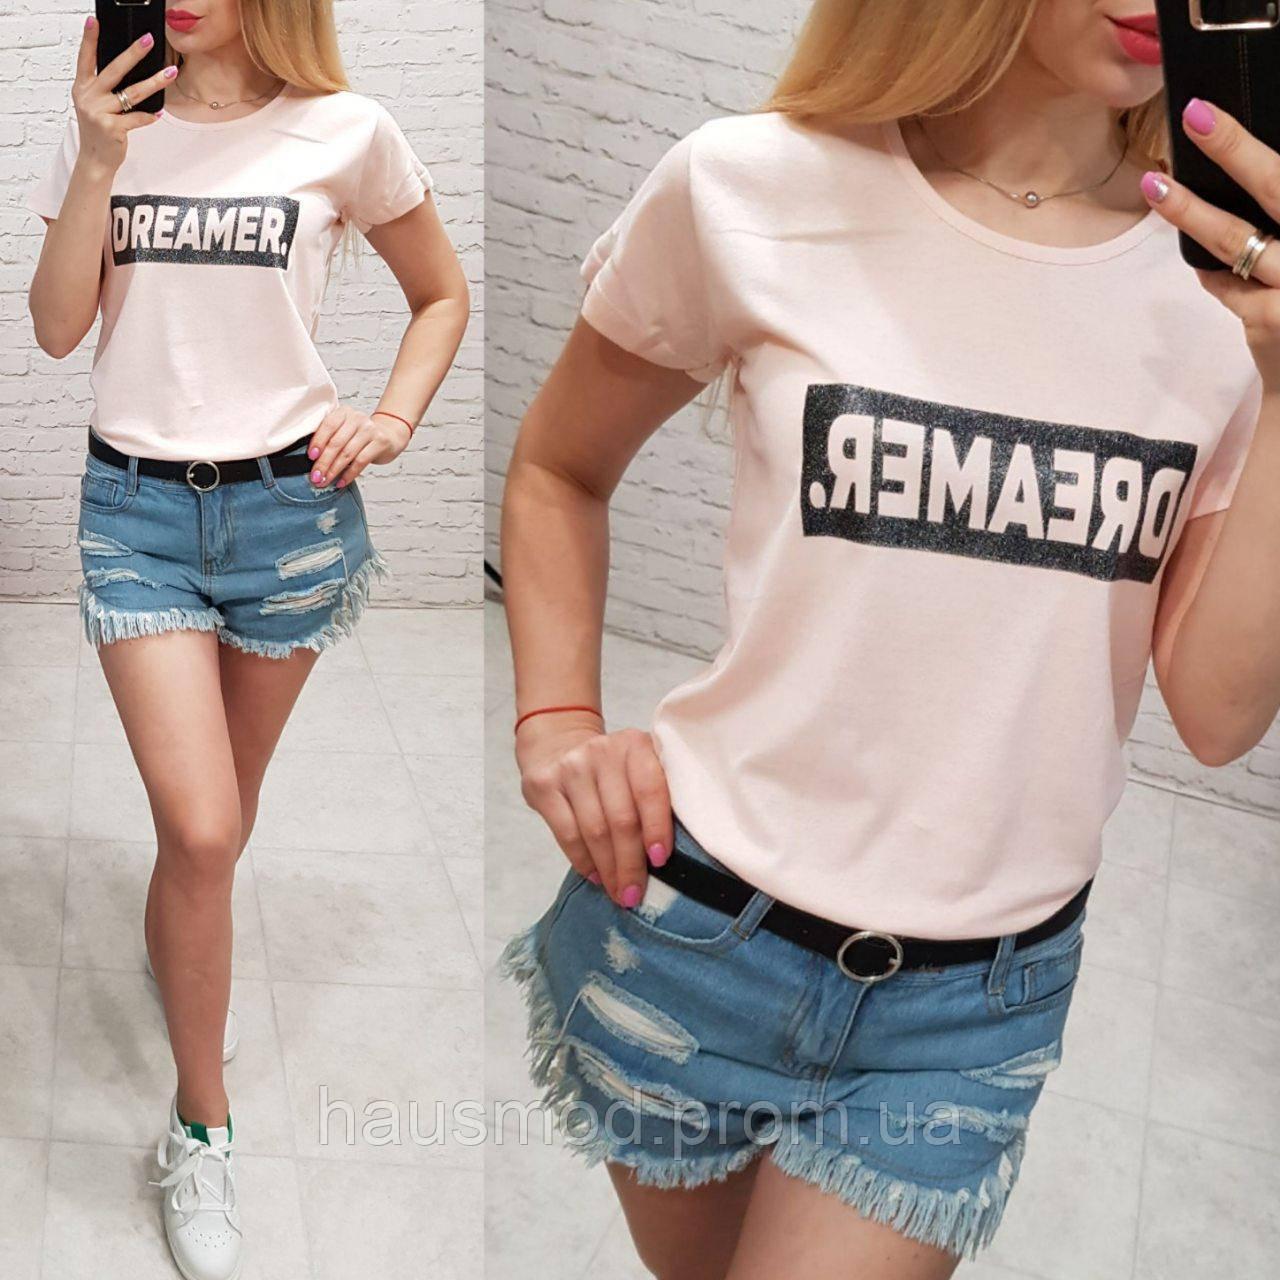 Женская футболка летняя качество Dreamer турция 100% катон цвет кремовый